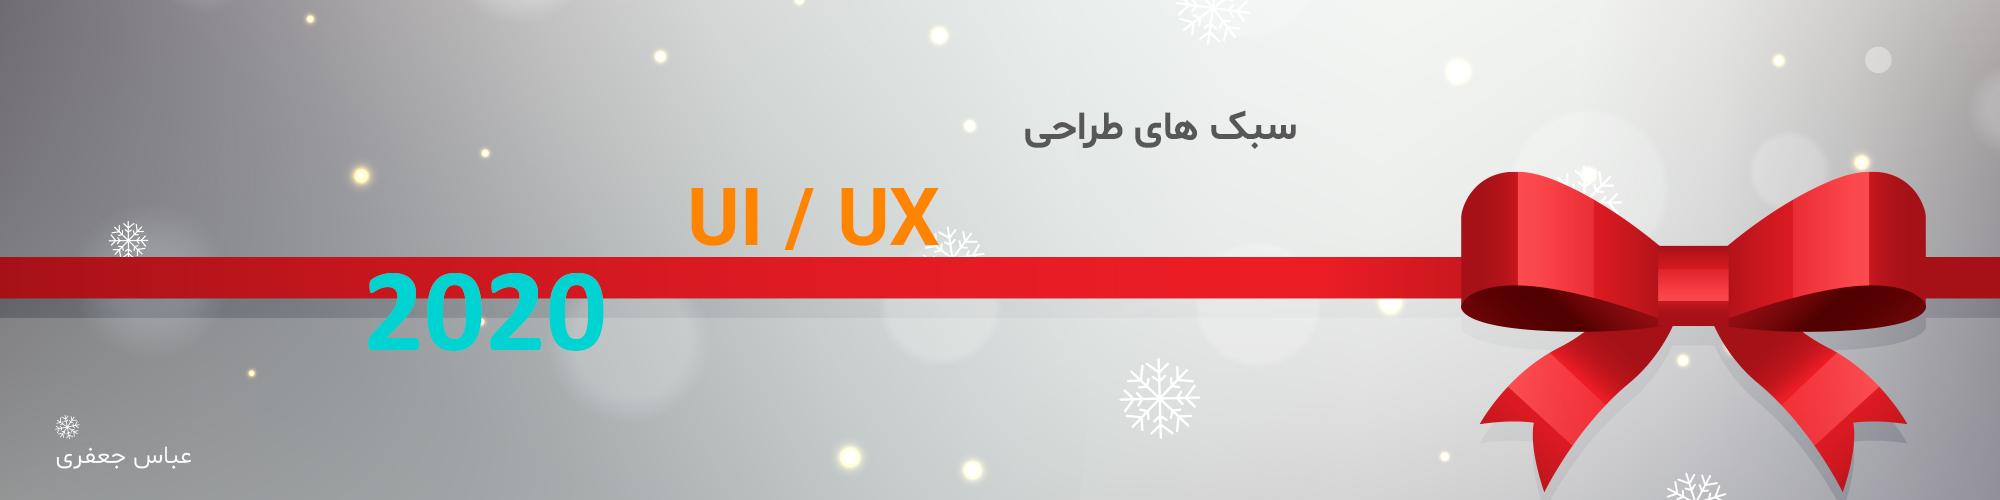 سبک های نوین طراحی UI/UX در سال 2020